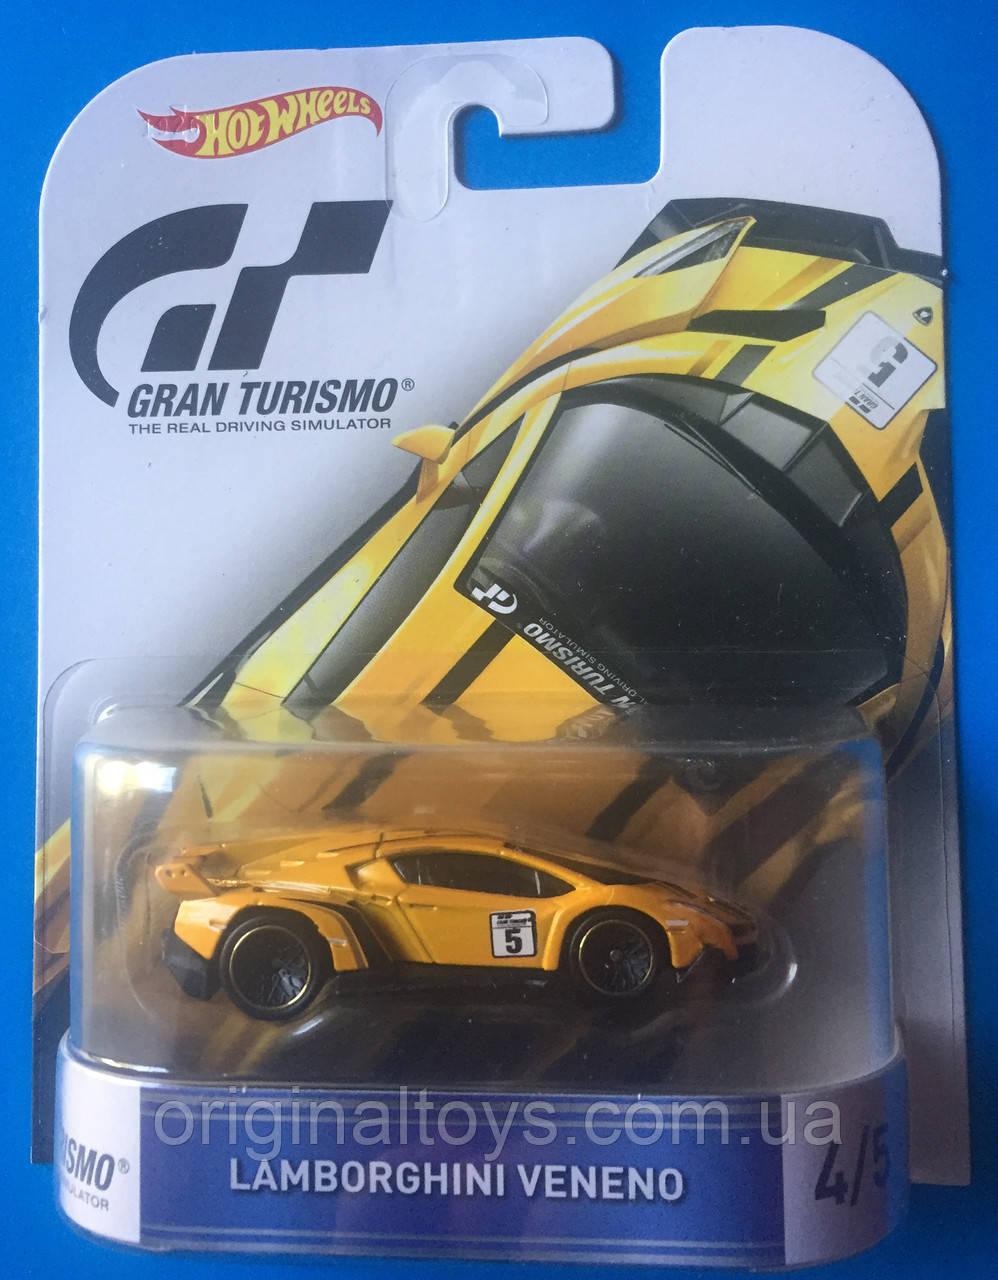 Колекційна машинка Hot Wheels Lamborghini Veneno